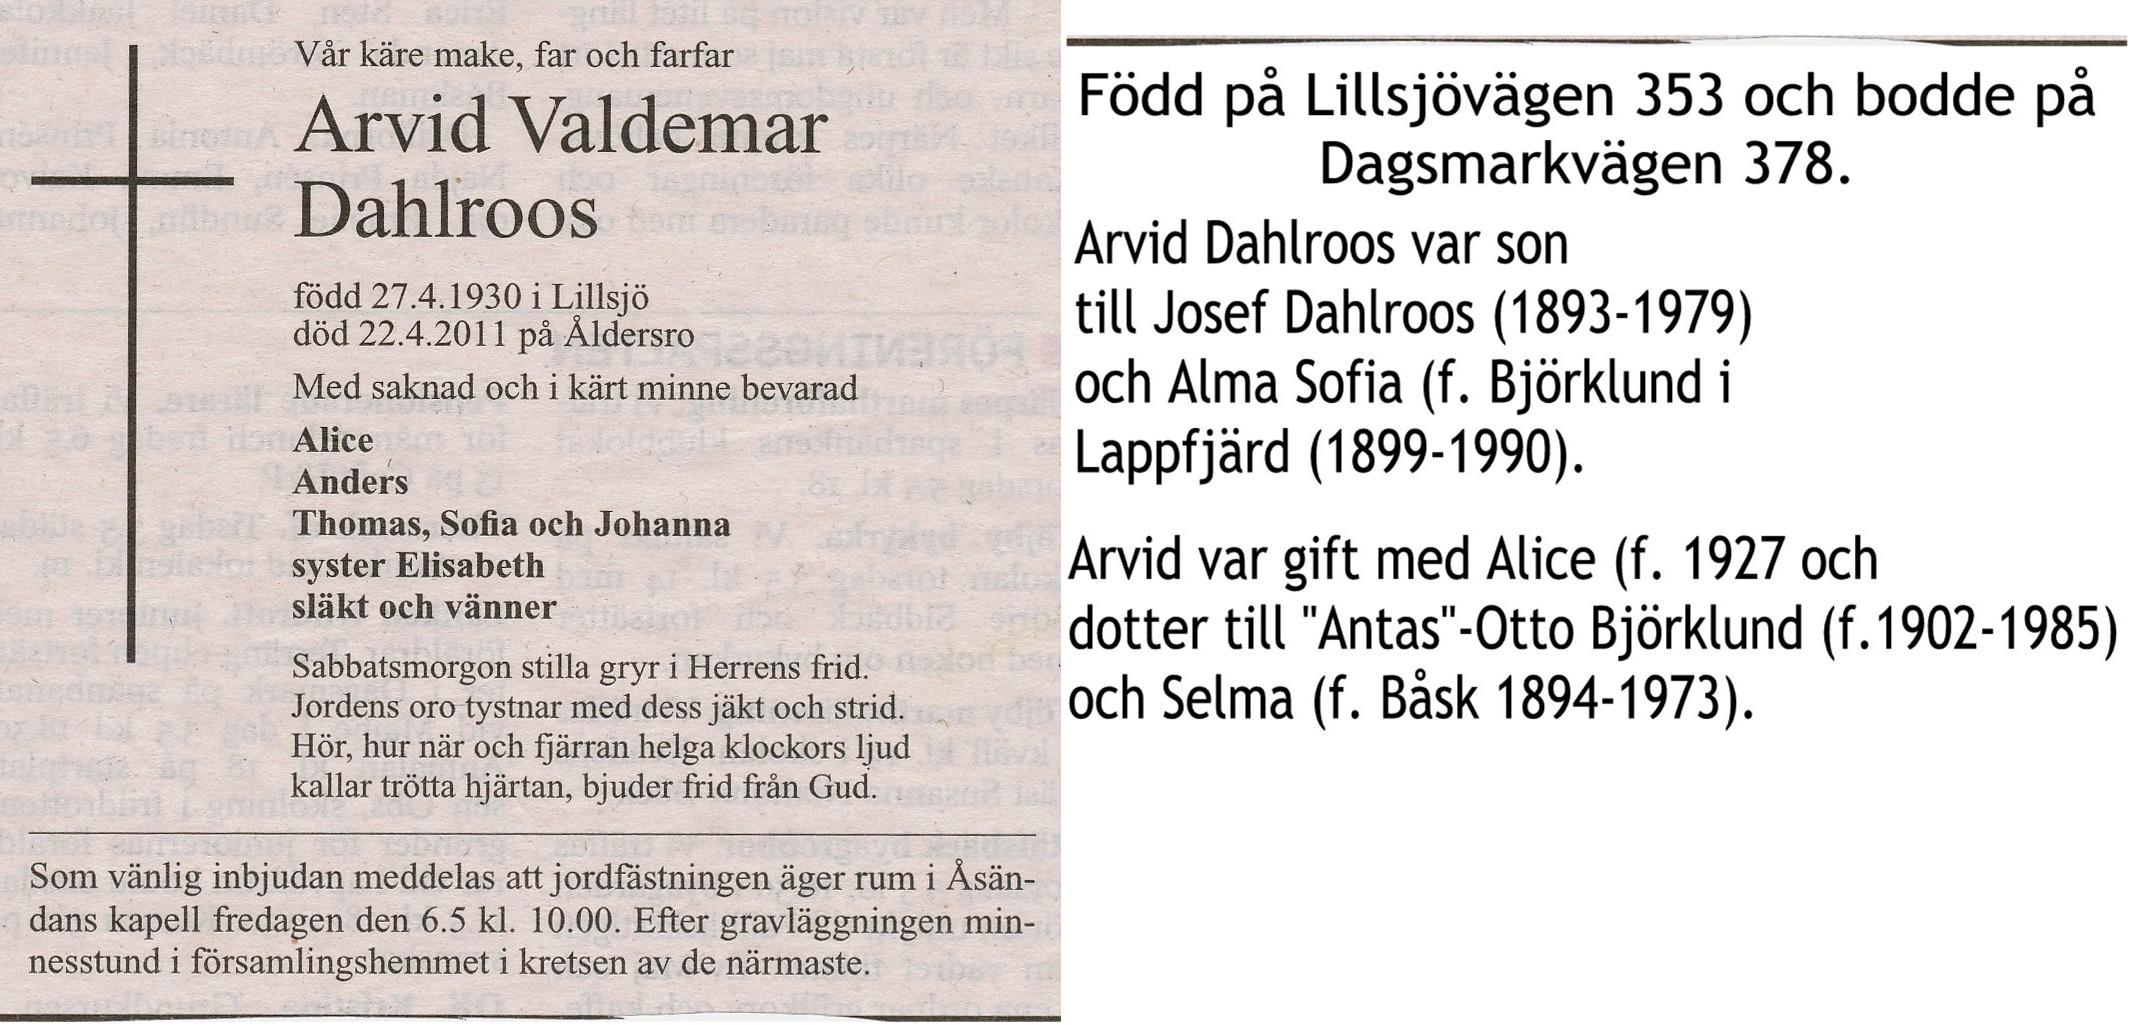 Dahlroos Arvid